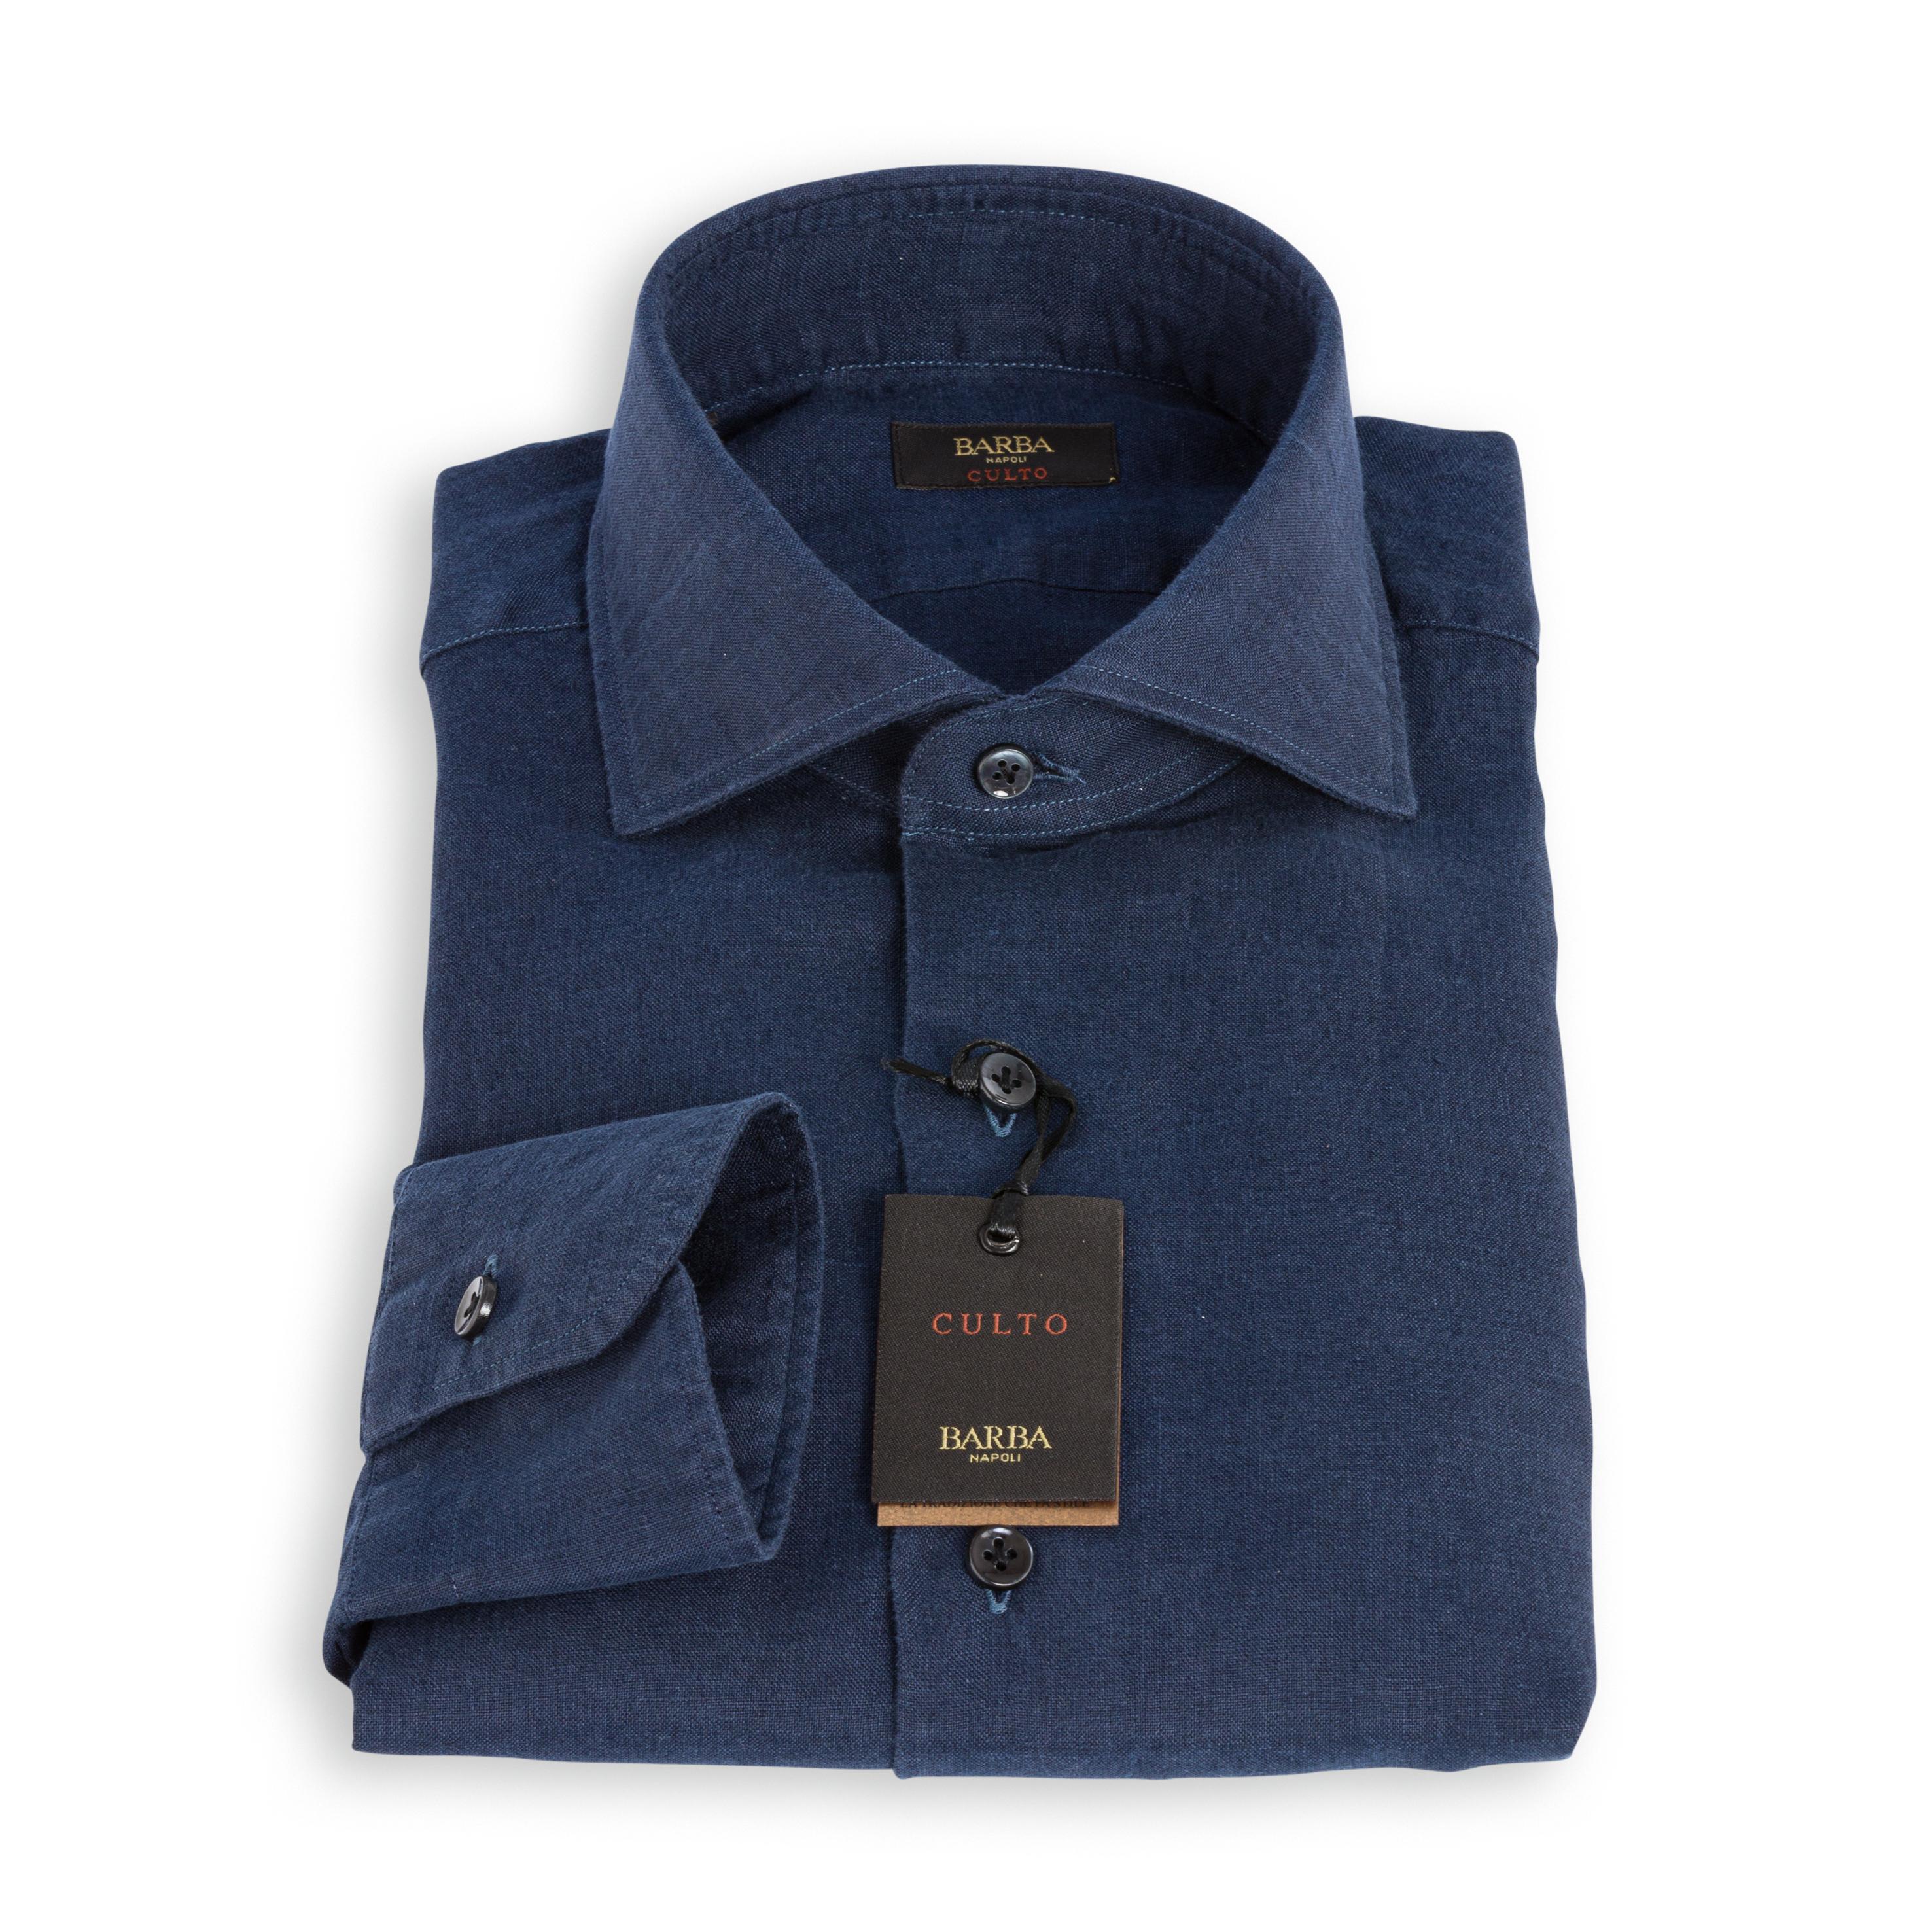 Camicia Barba Culto Lino Blu